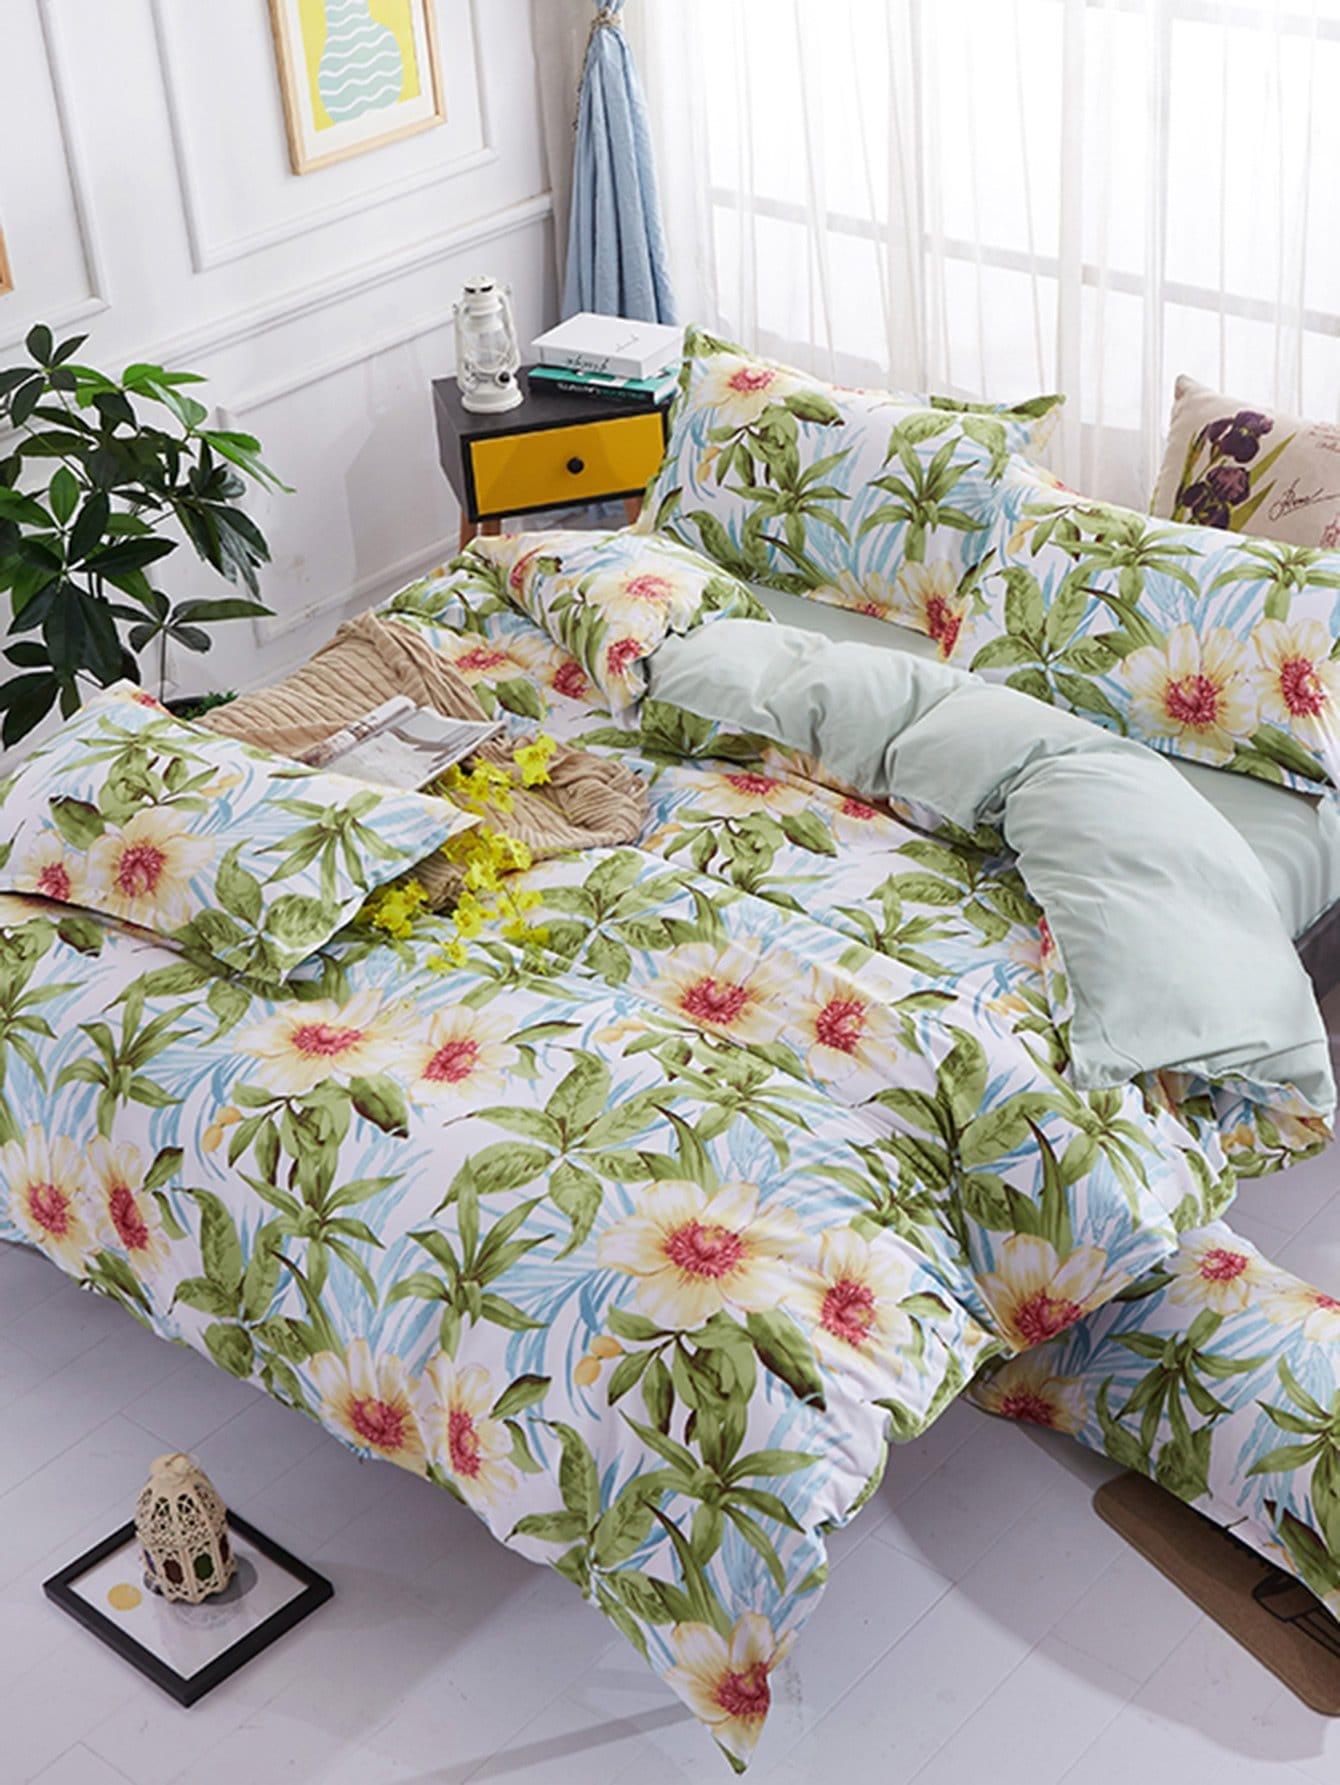 Flower Print Duvet Cover & Sheet & Sham Set